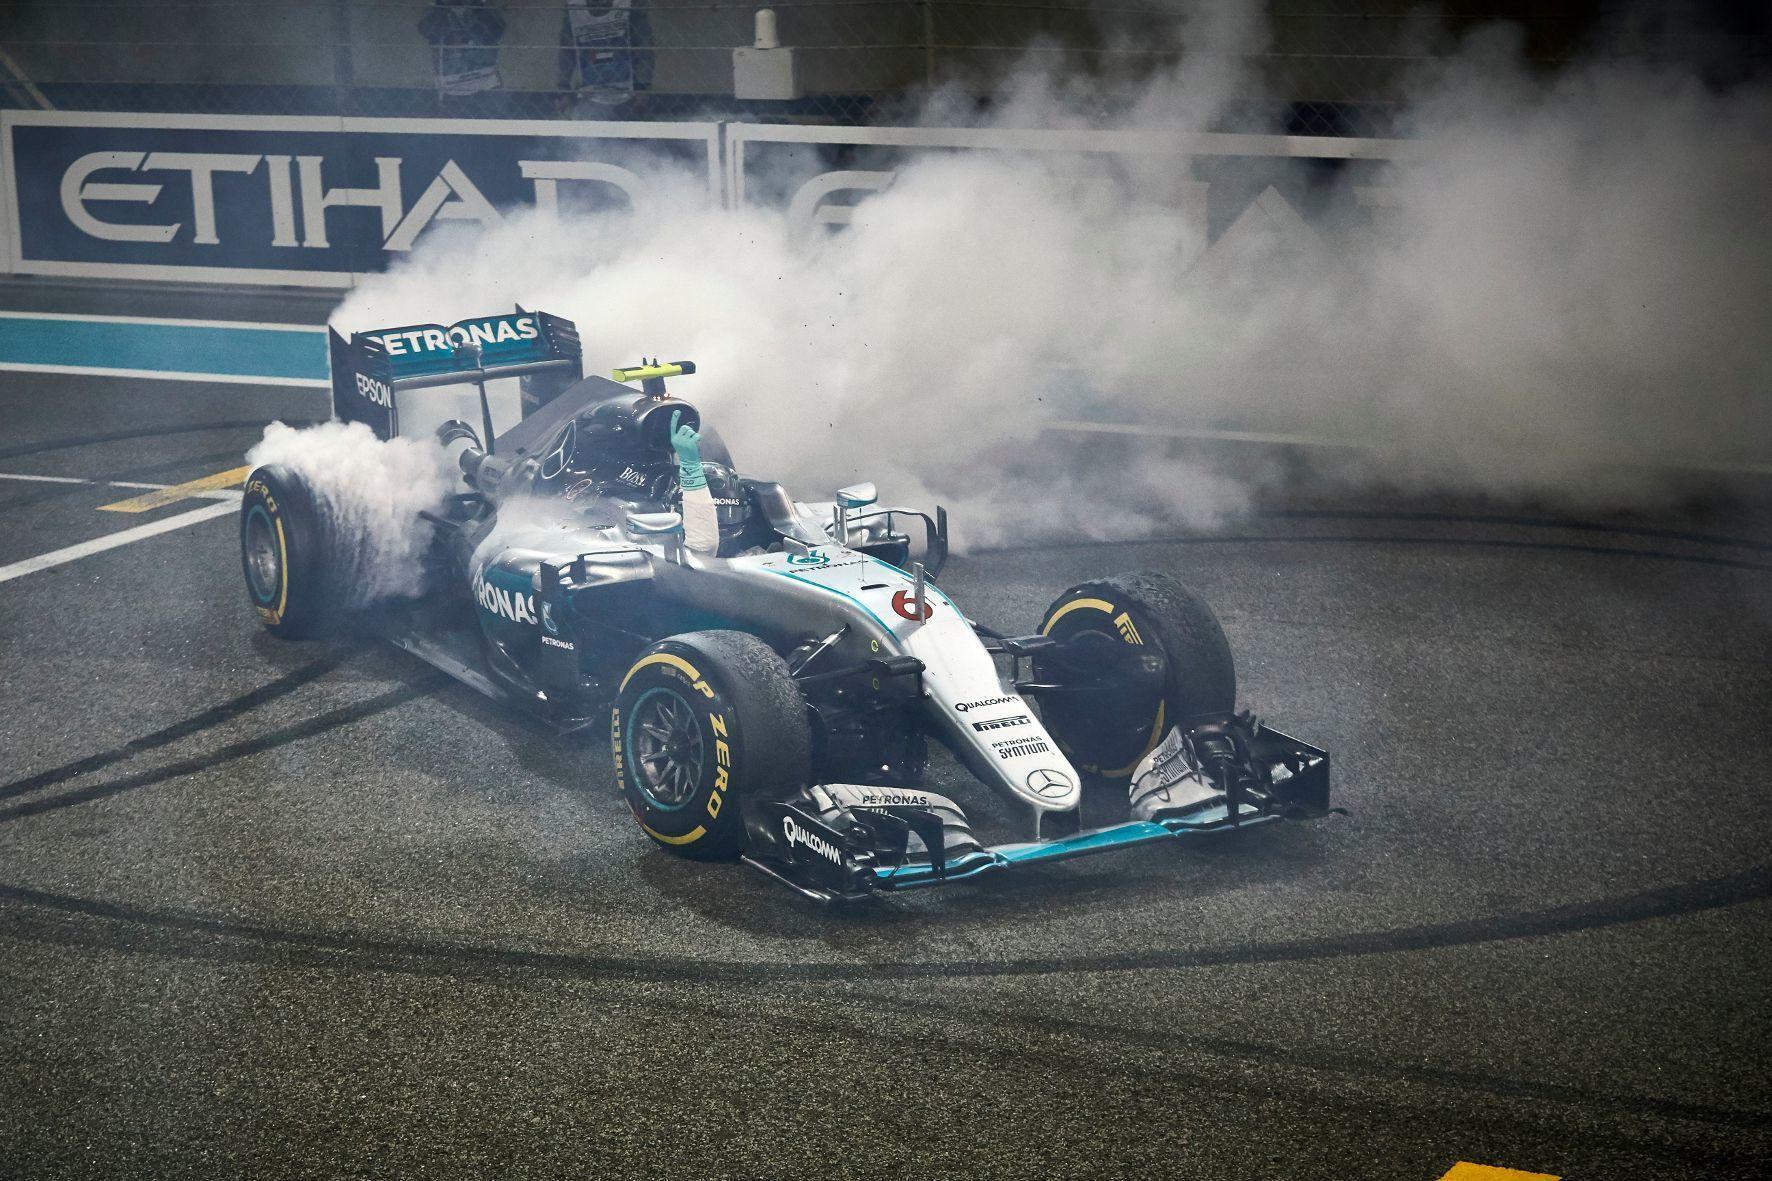 mid Groß-Gerau - So freut sich ein Formel-1-Weltmeister: Nico Rosberg gibt seinem Mercedes-Silberpfeil die Sporen und lässt es ordentlich qualmen.